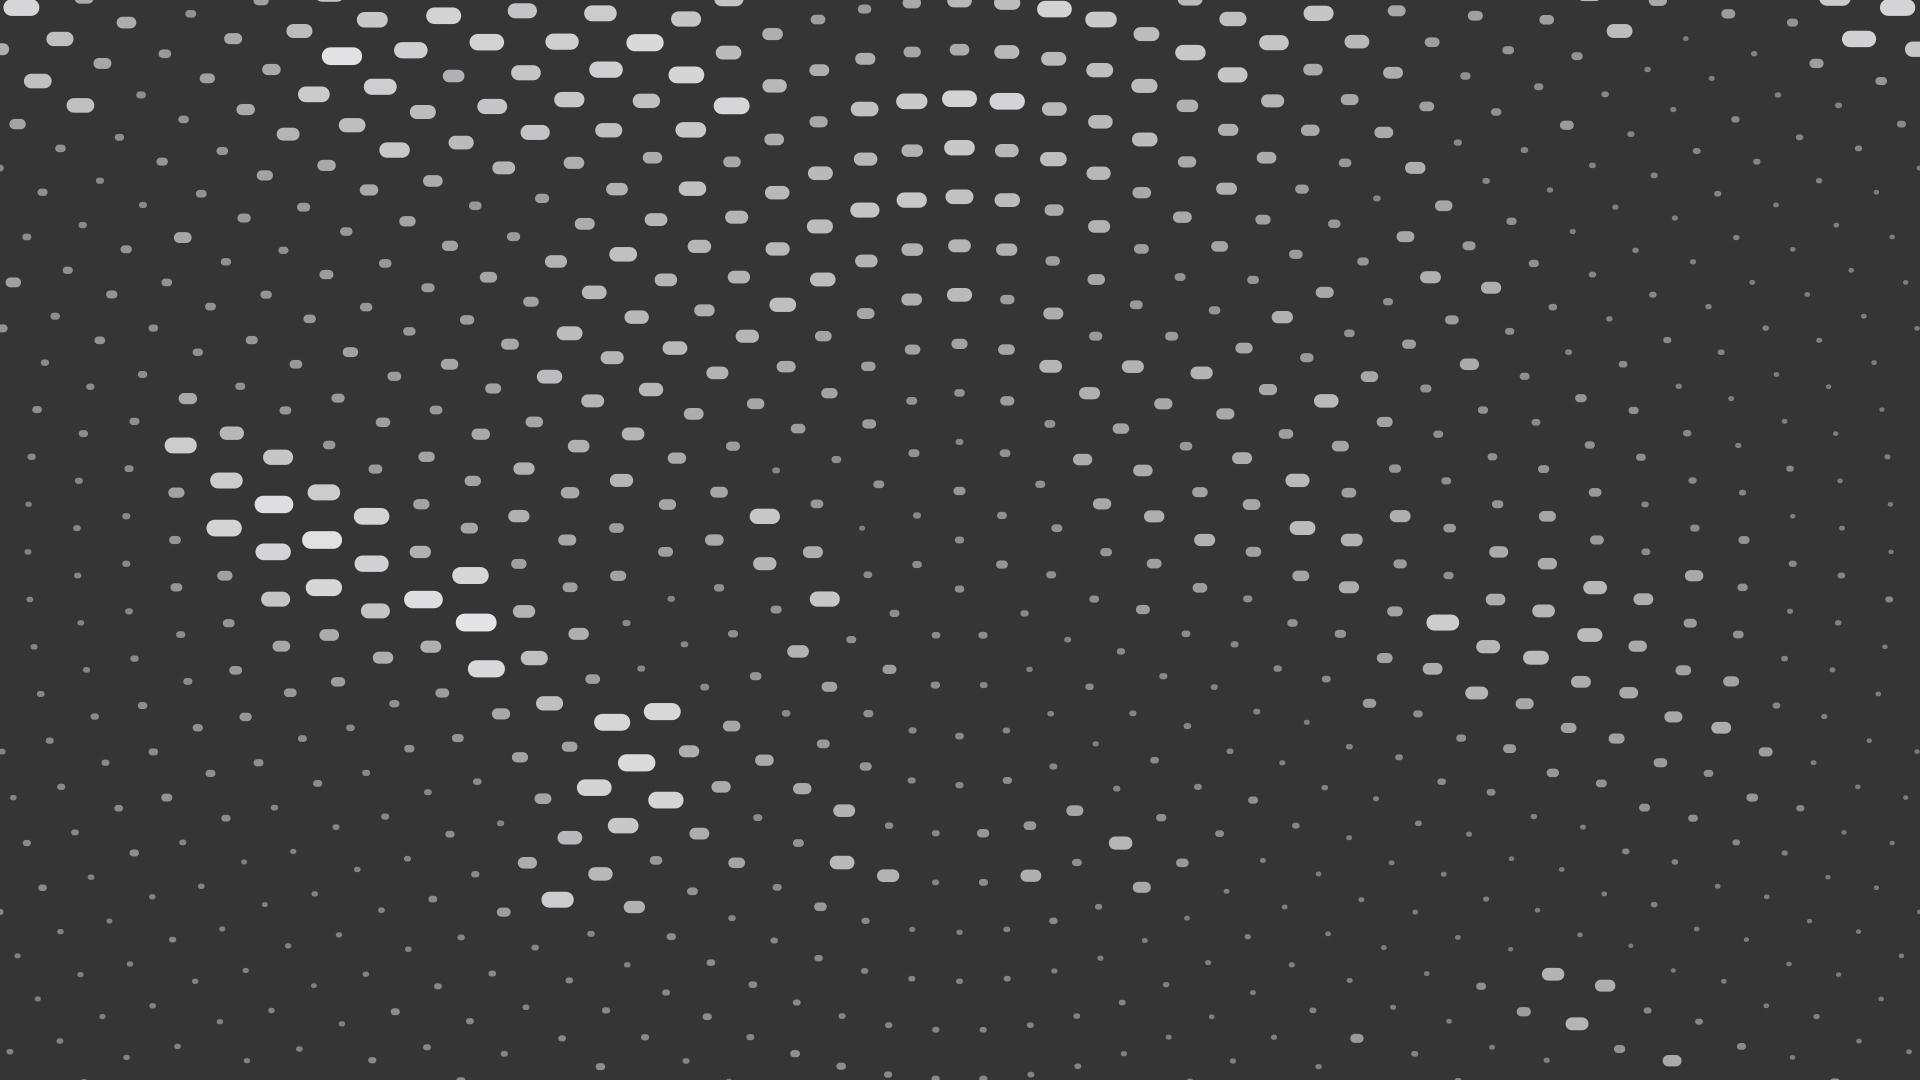 LED_BG_05.jpg